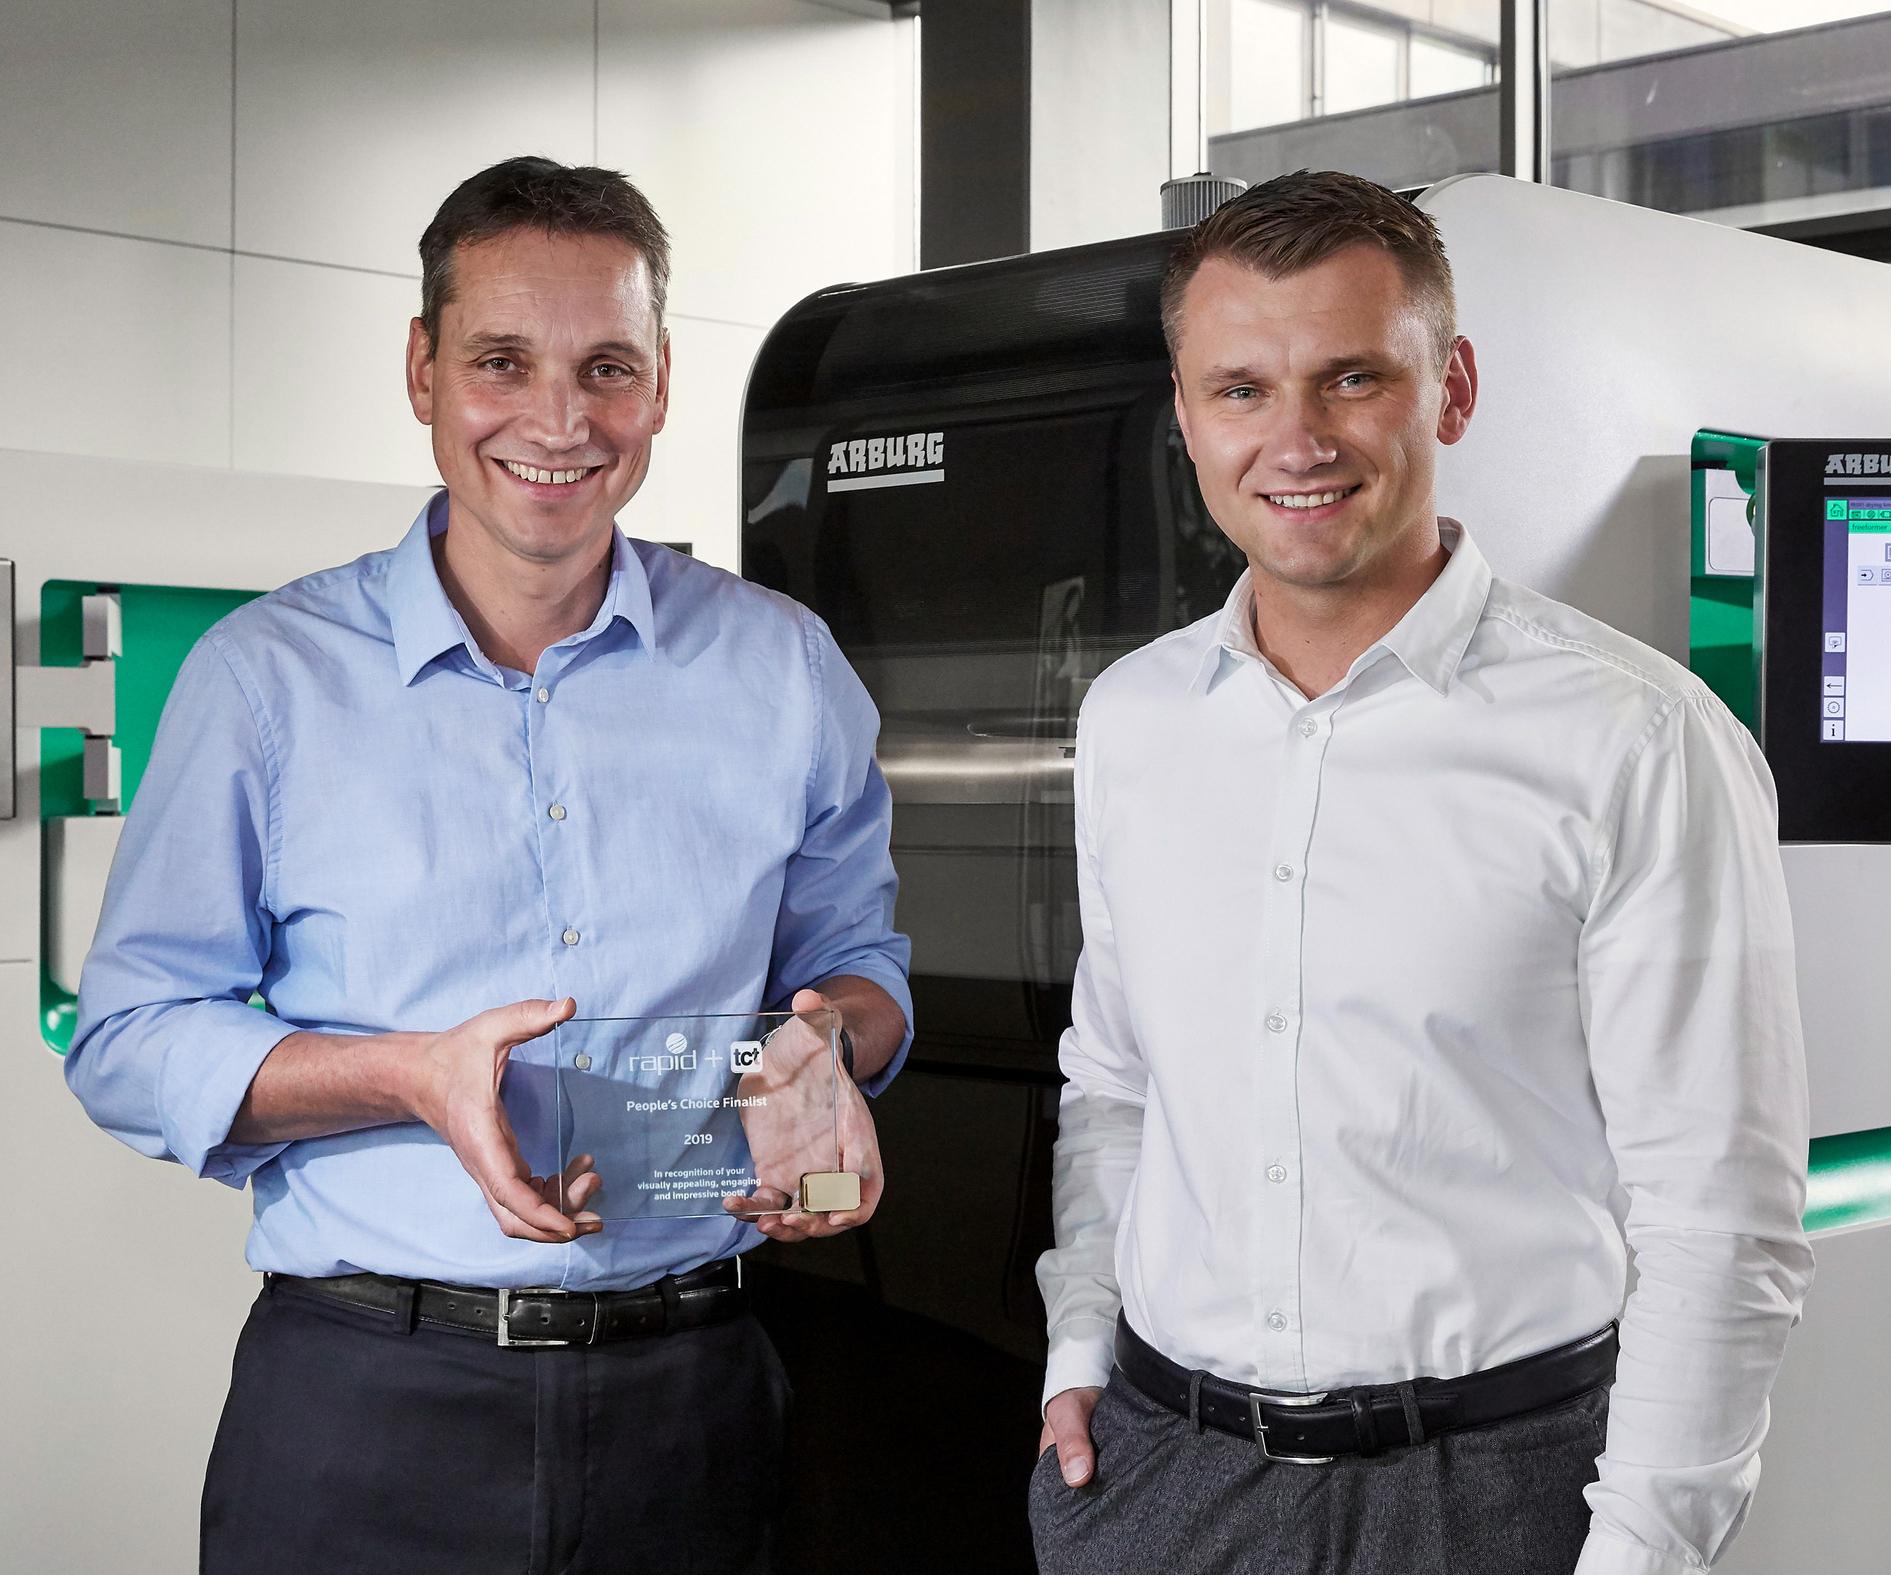 A la izquierda, Lukas Pawelczyk, responsable de ventas globales de Freeformer en Arburg; y Martin Neff, encargado del área de formado de plásticos con el premio otorgado por parte del público en la pasada Rapid + TCT 2019, realizada en Detroit (USA). Crédito: Arburg.